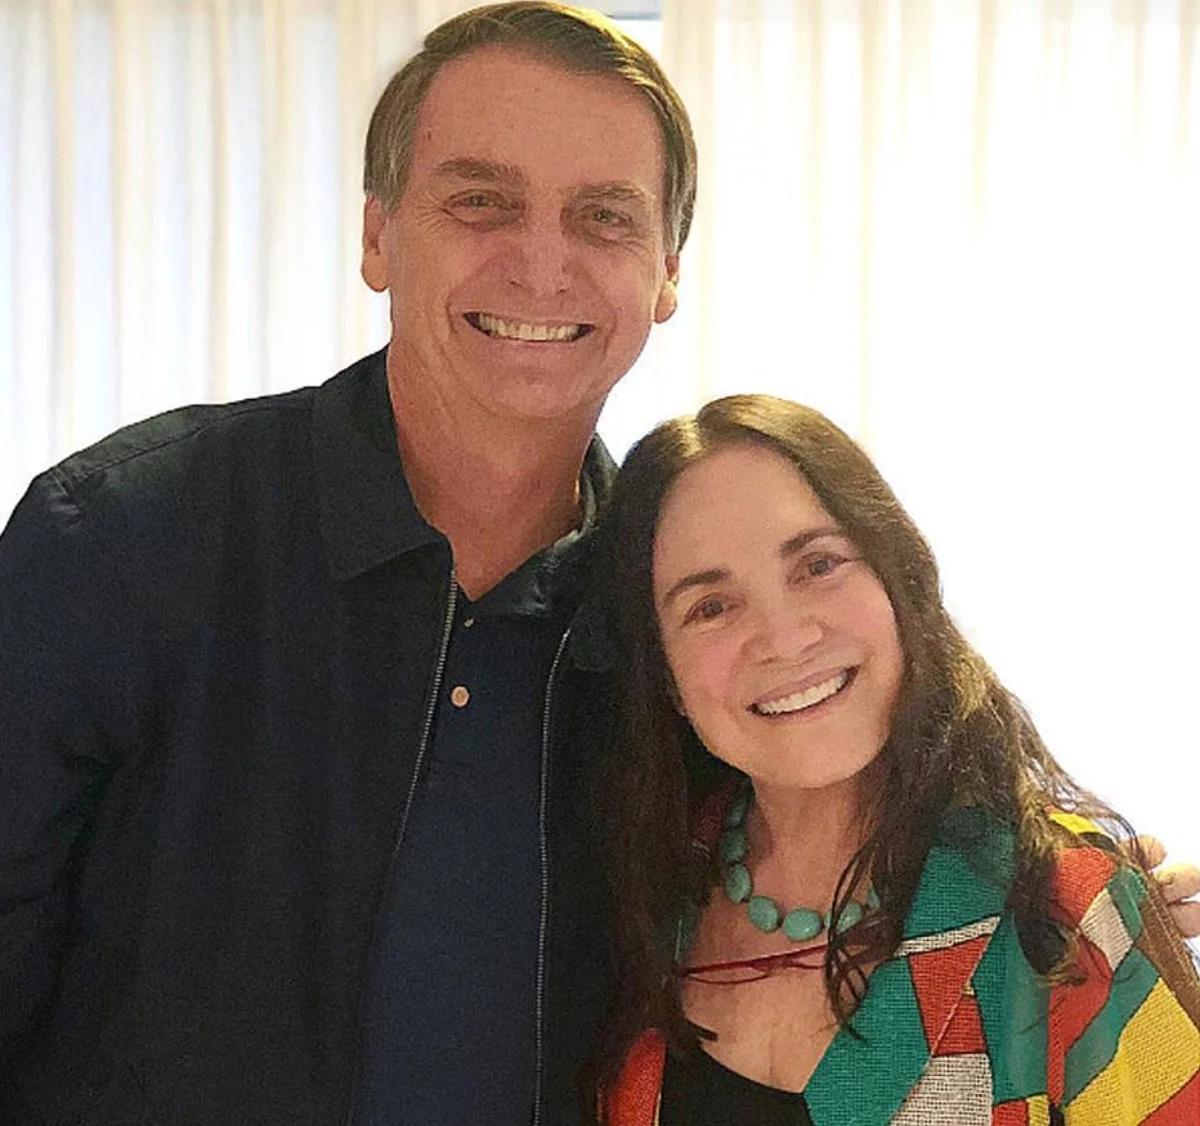 O presidente Jair Bolsonaro convidou a atriz Regina Duarte na tarde desta sexta-feira para assumir a Secretaria da Cultura do governo federal